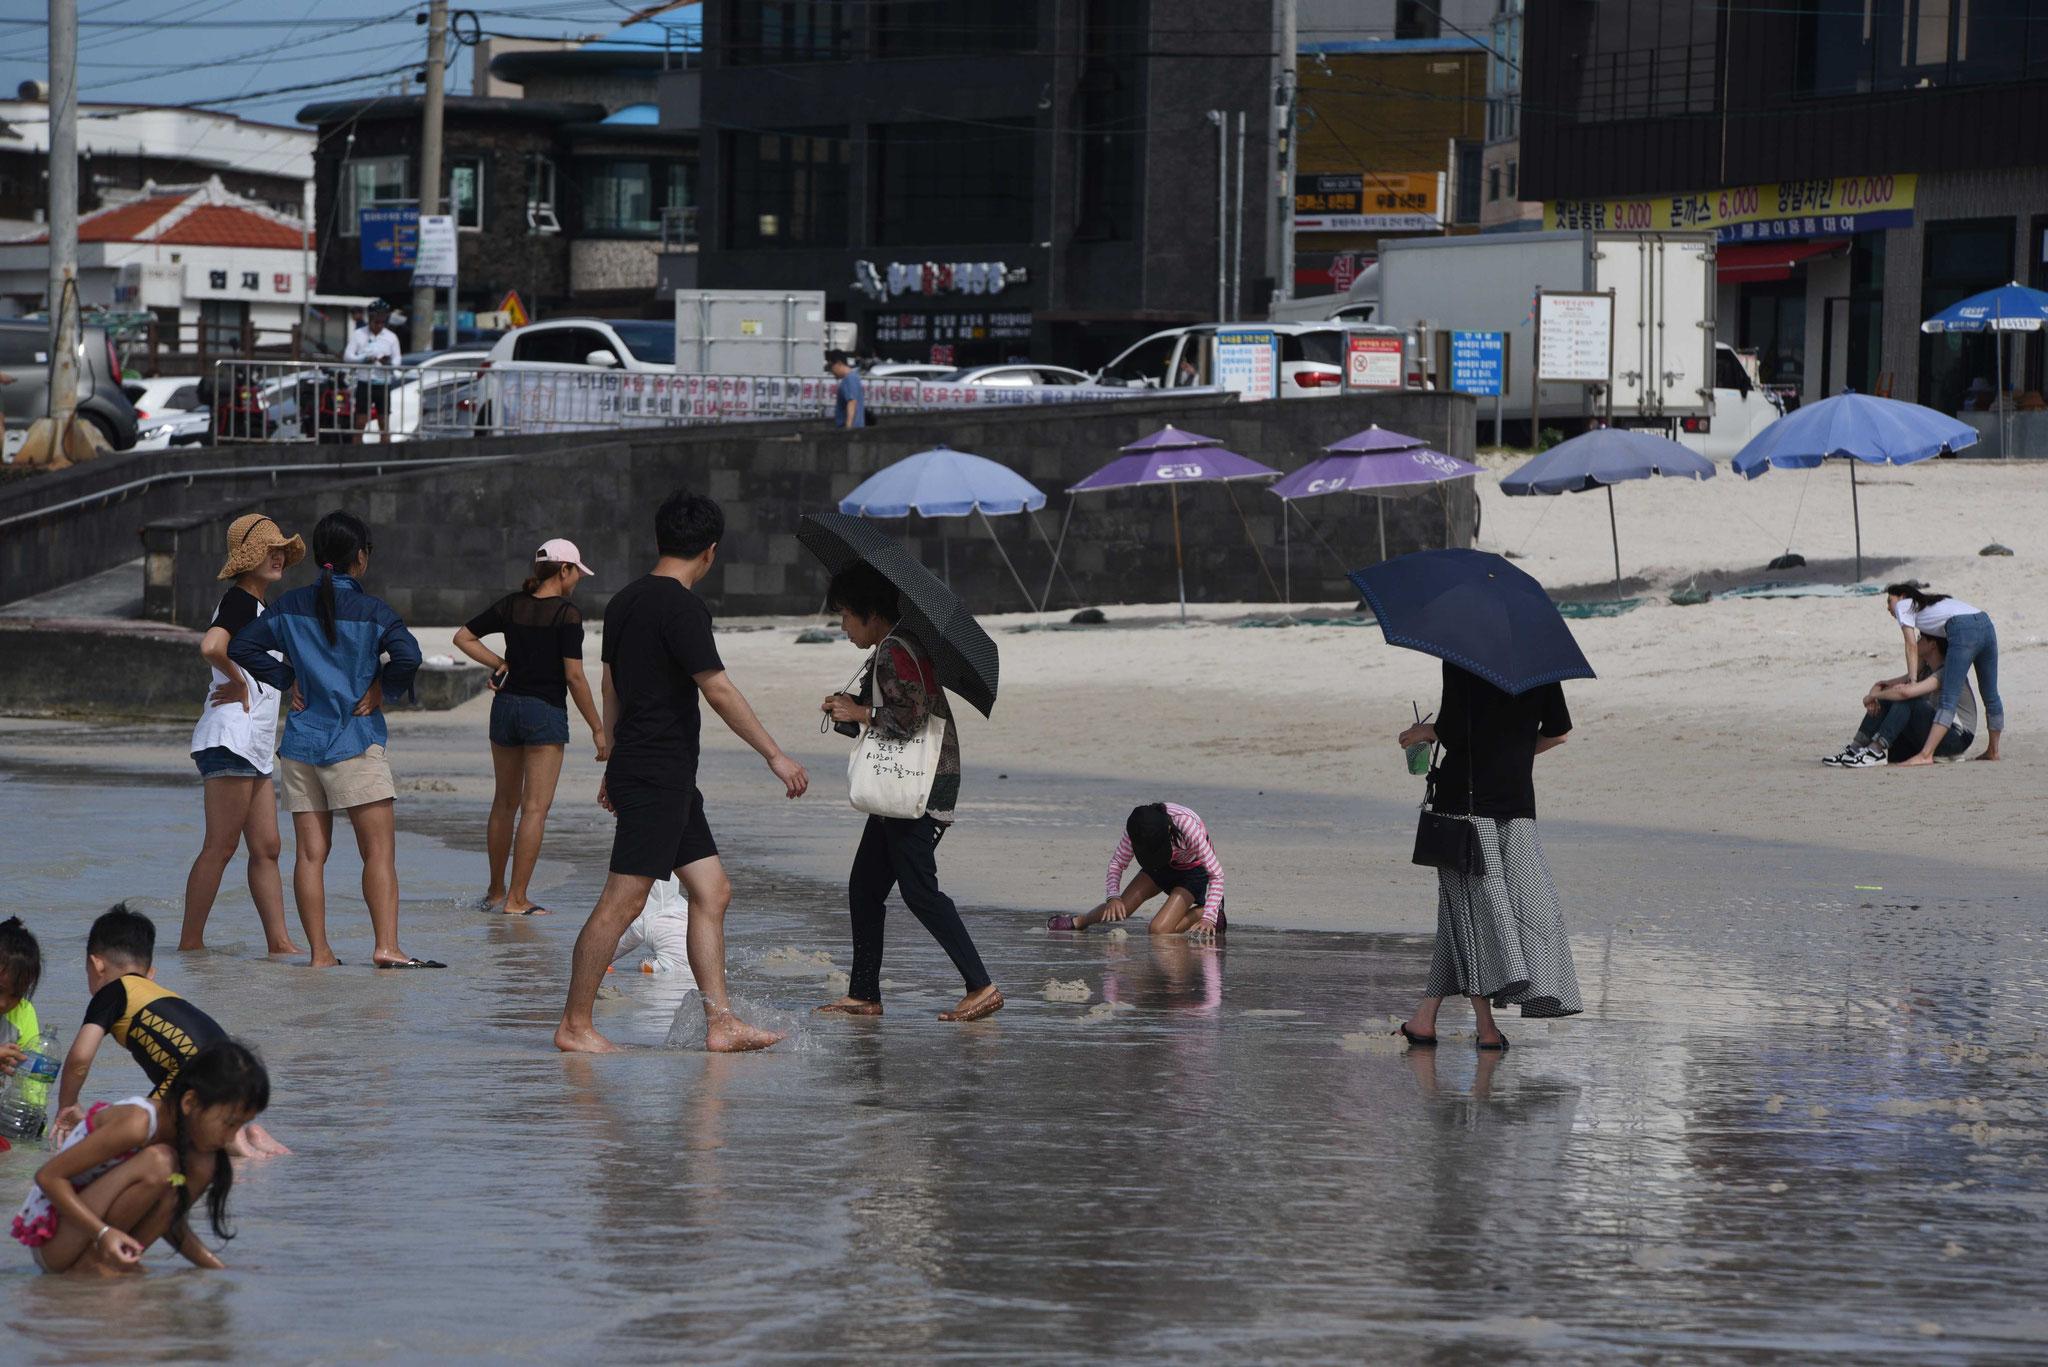 Kinder planschen noch ungeniert - Ältere schützen sichgegen die Sonne mit Schirmen